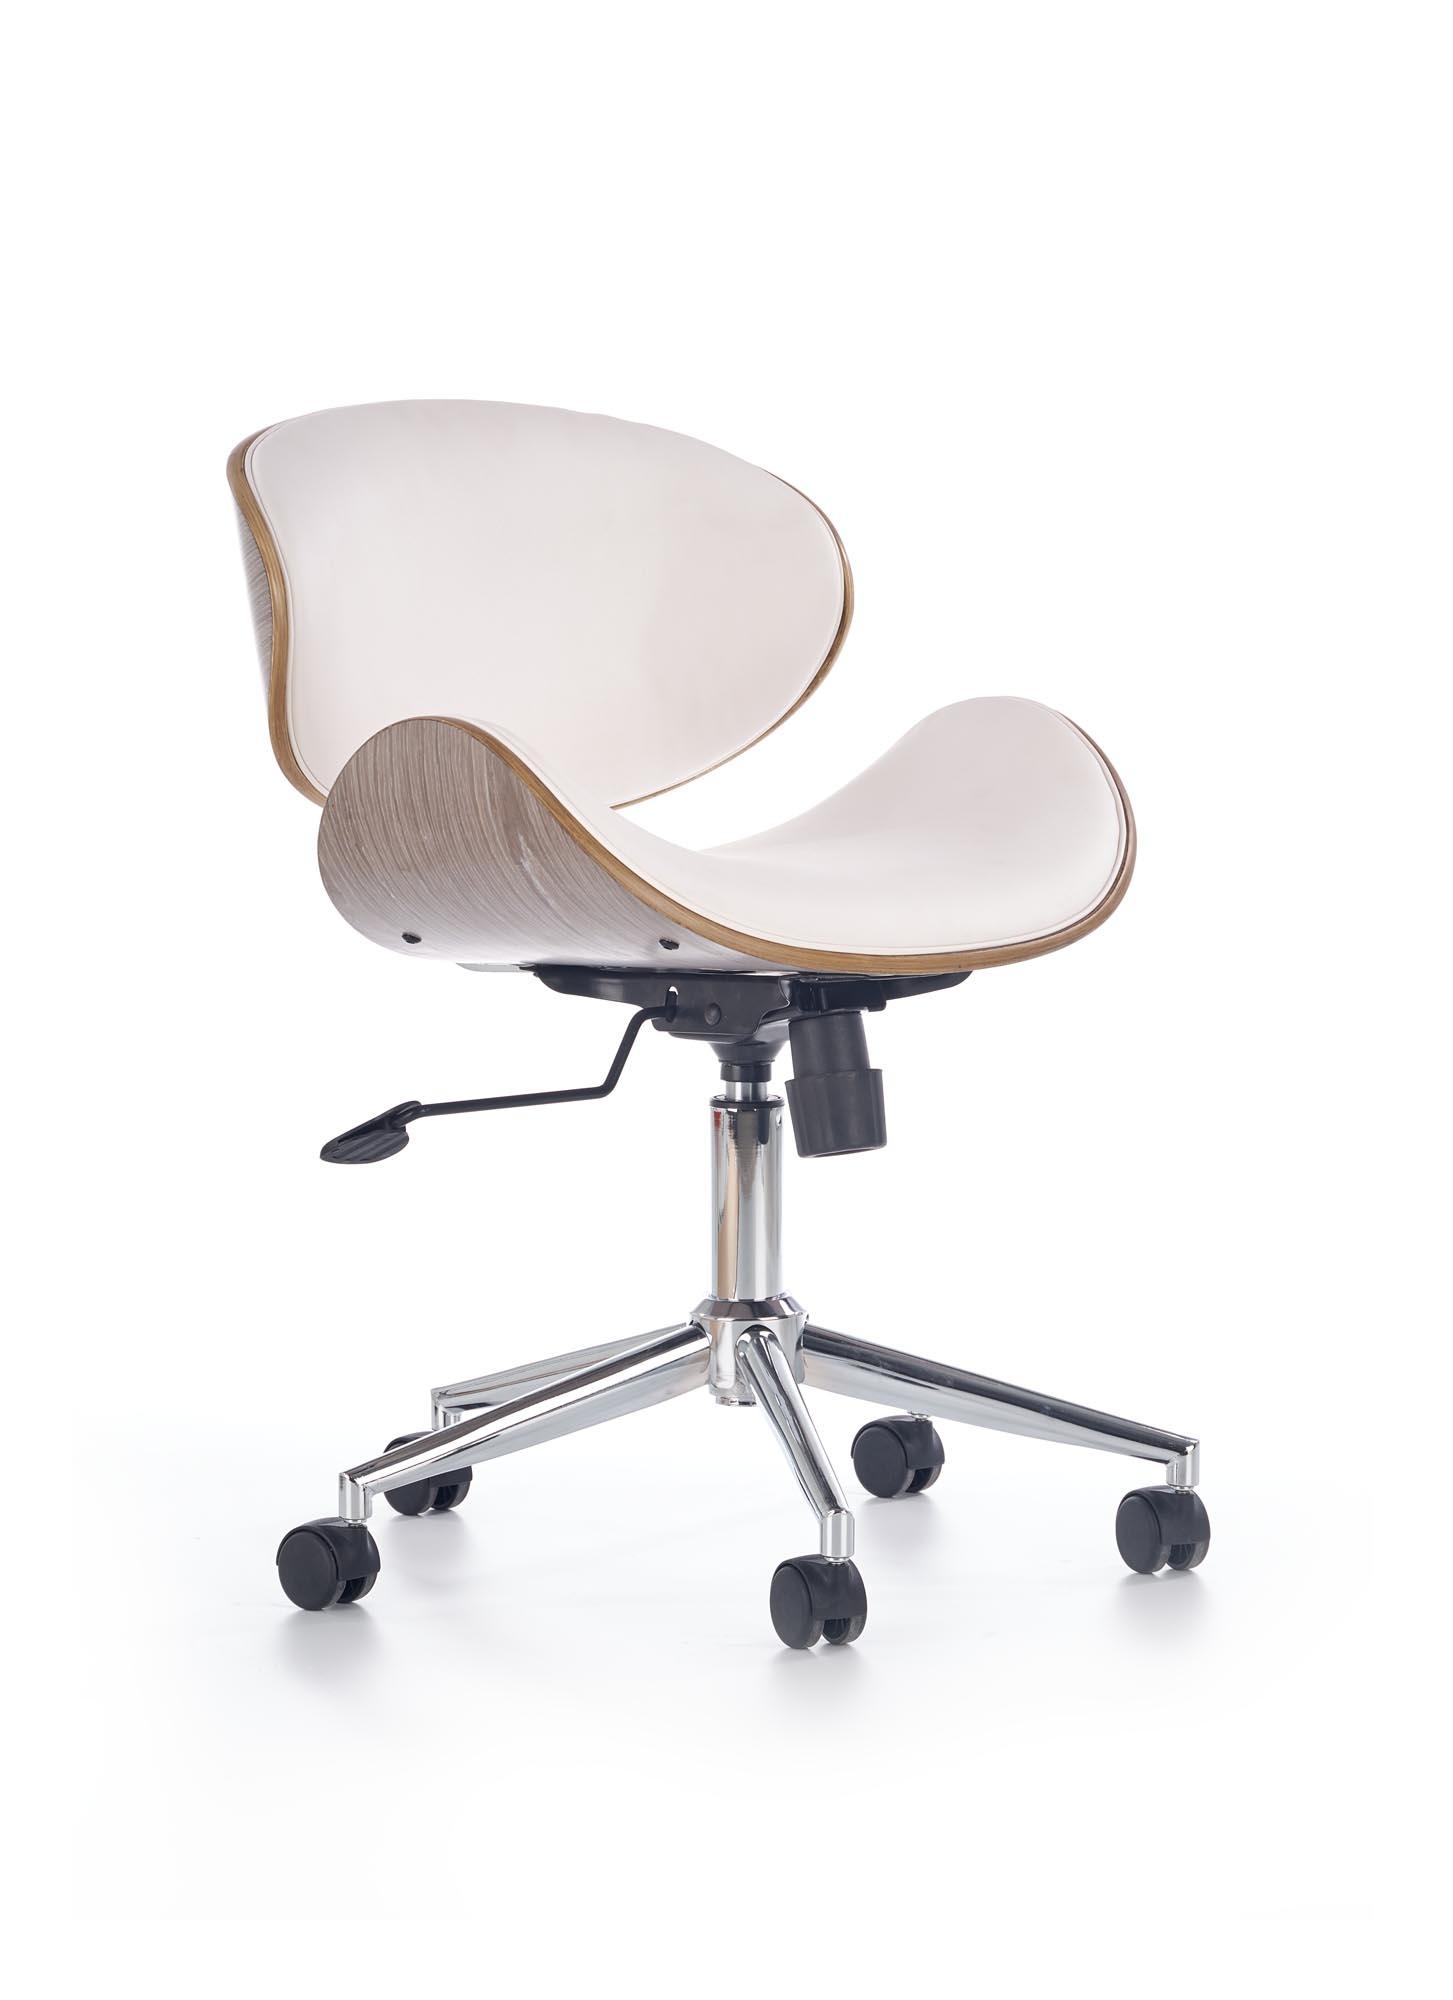 Scaun de birou ergonomic Alto White / Light Oak, l59xA58xH70-80 cm